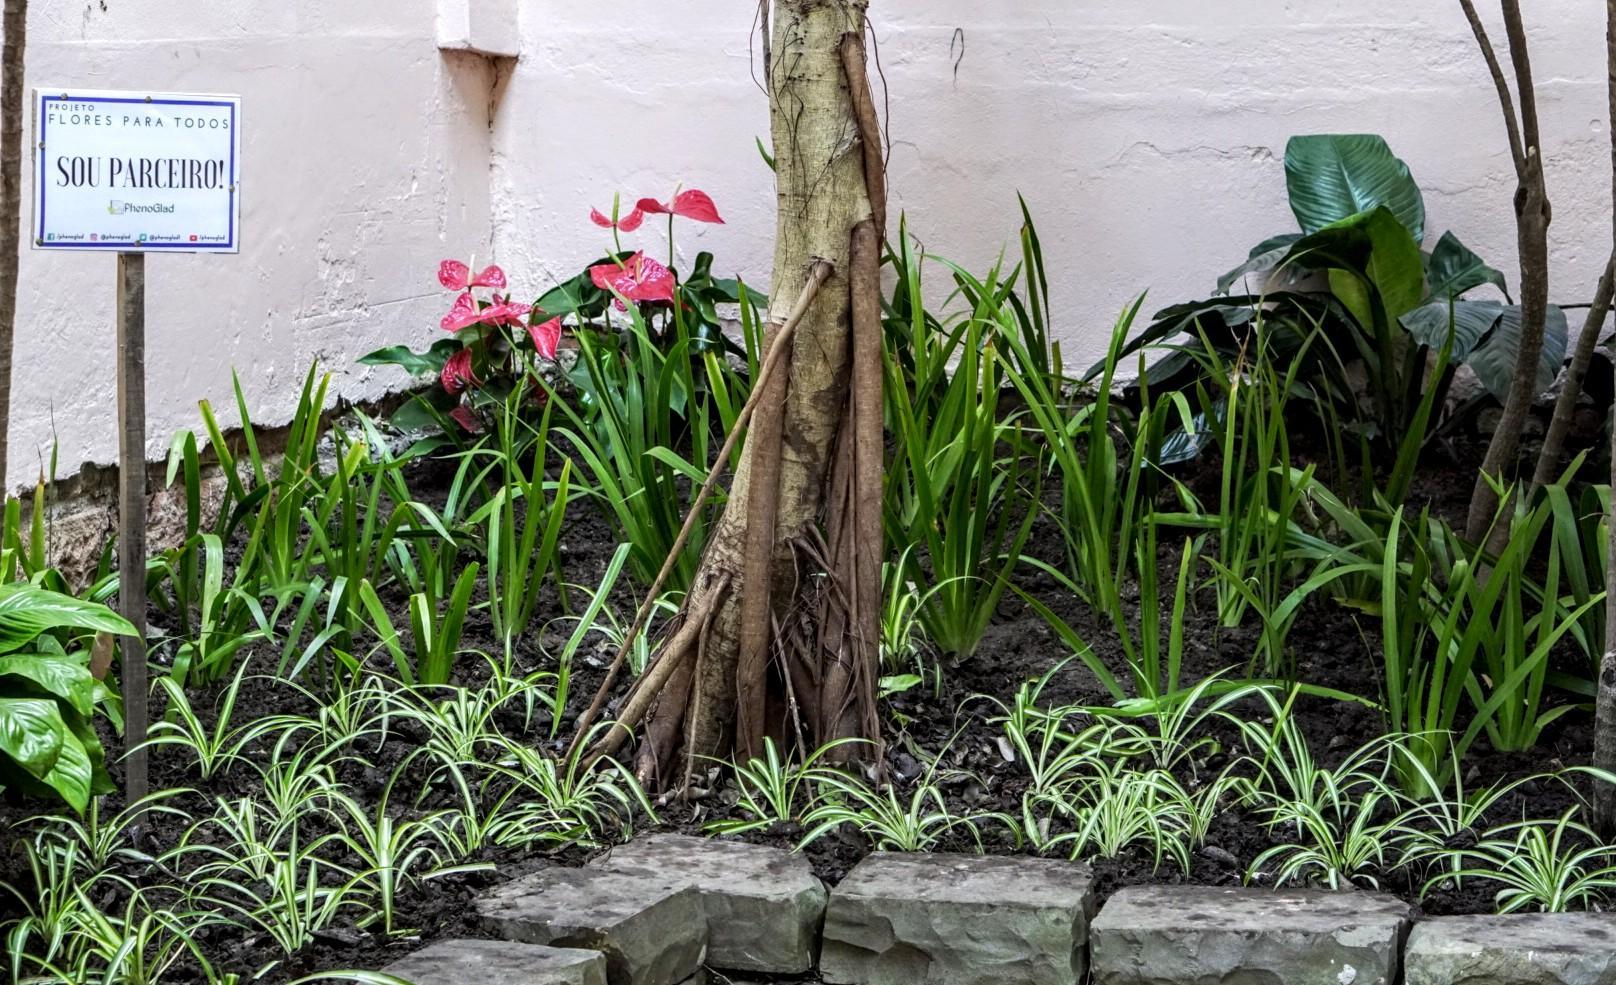 """Foto colorida horizontal mostra em detalhe um pequeno jardim, com alguns tipos de plantas, umas flores vermelhas e uma plaquinha escrito """"Flores para todos - sou parceiro"""""""